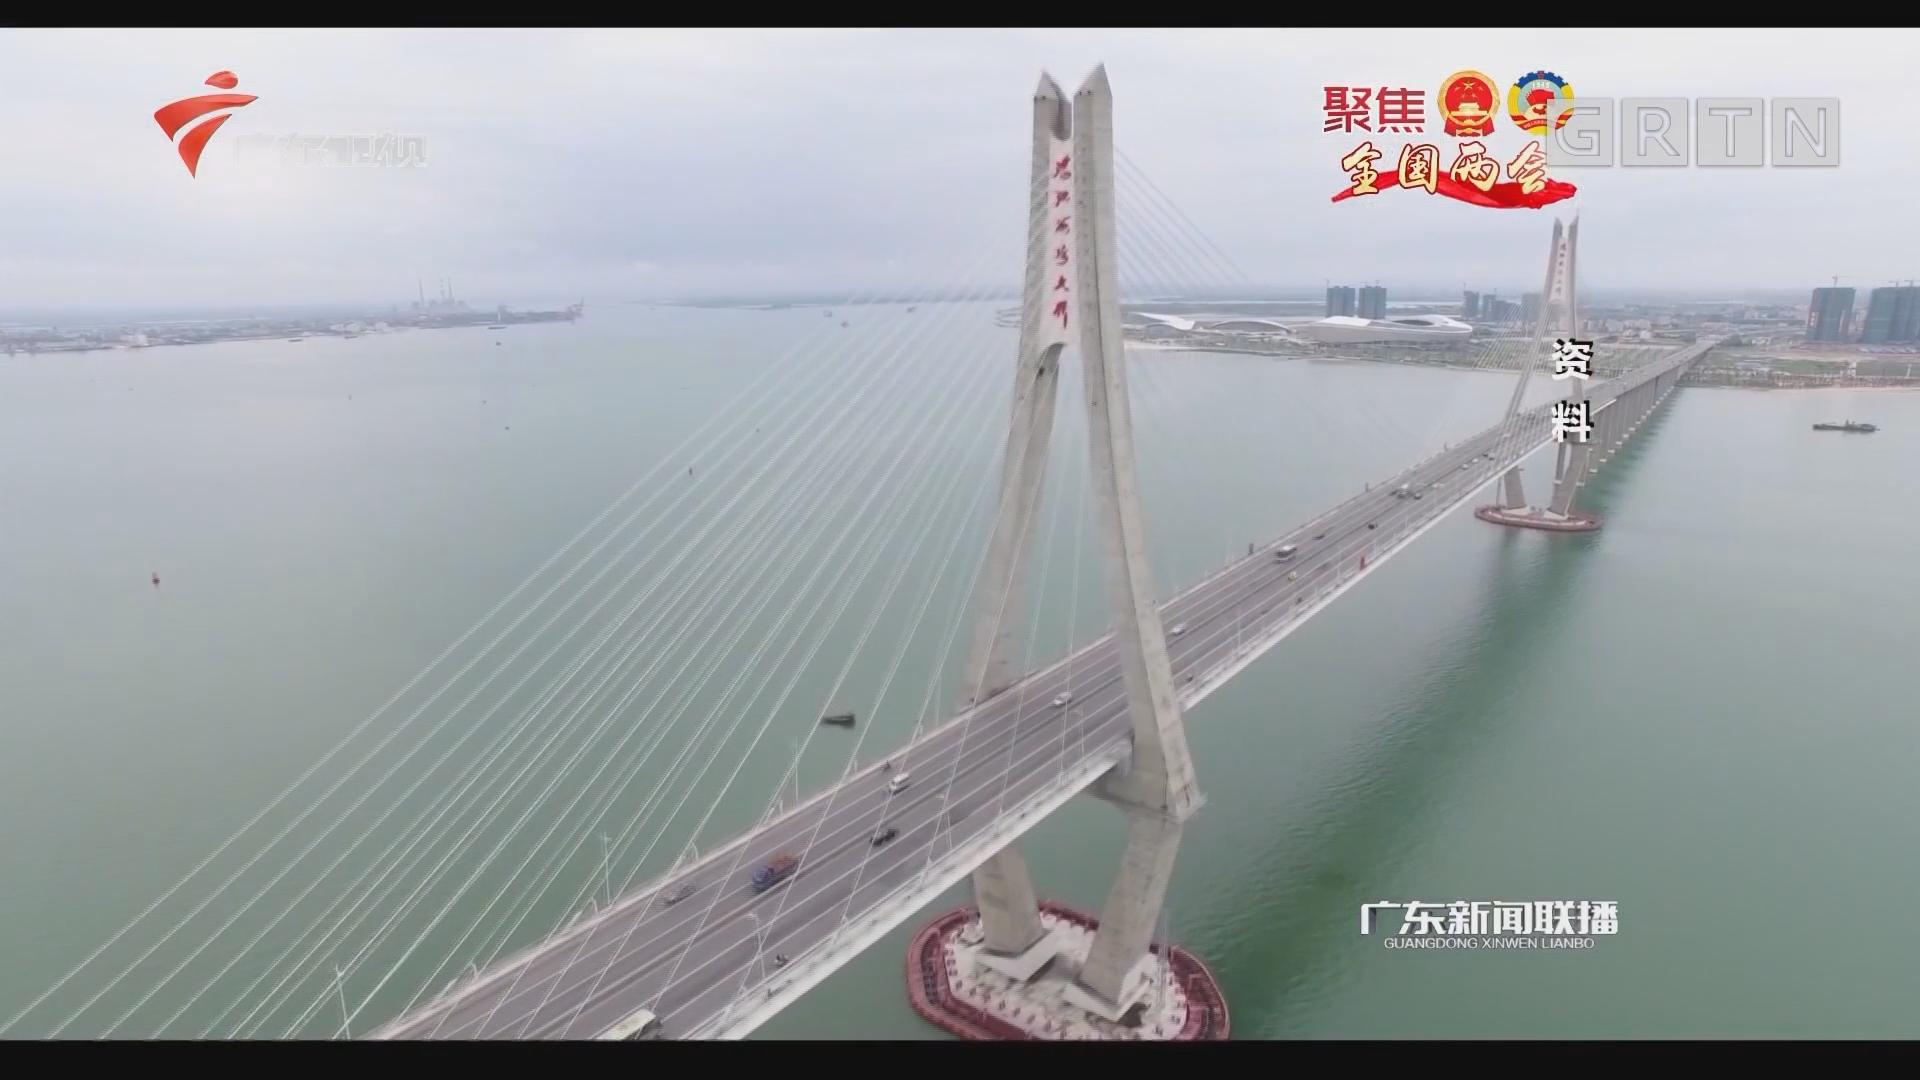 见证改革之路——广东:先行者 新飞跃